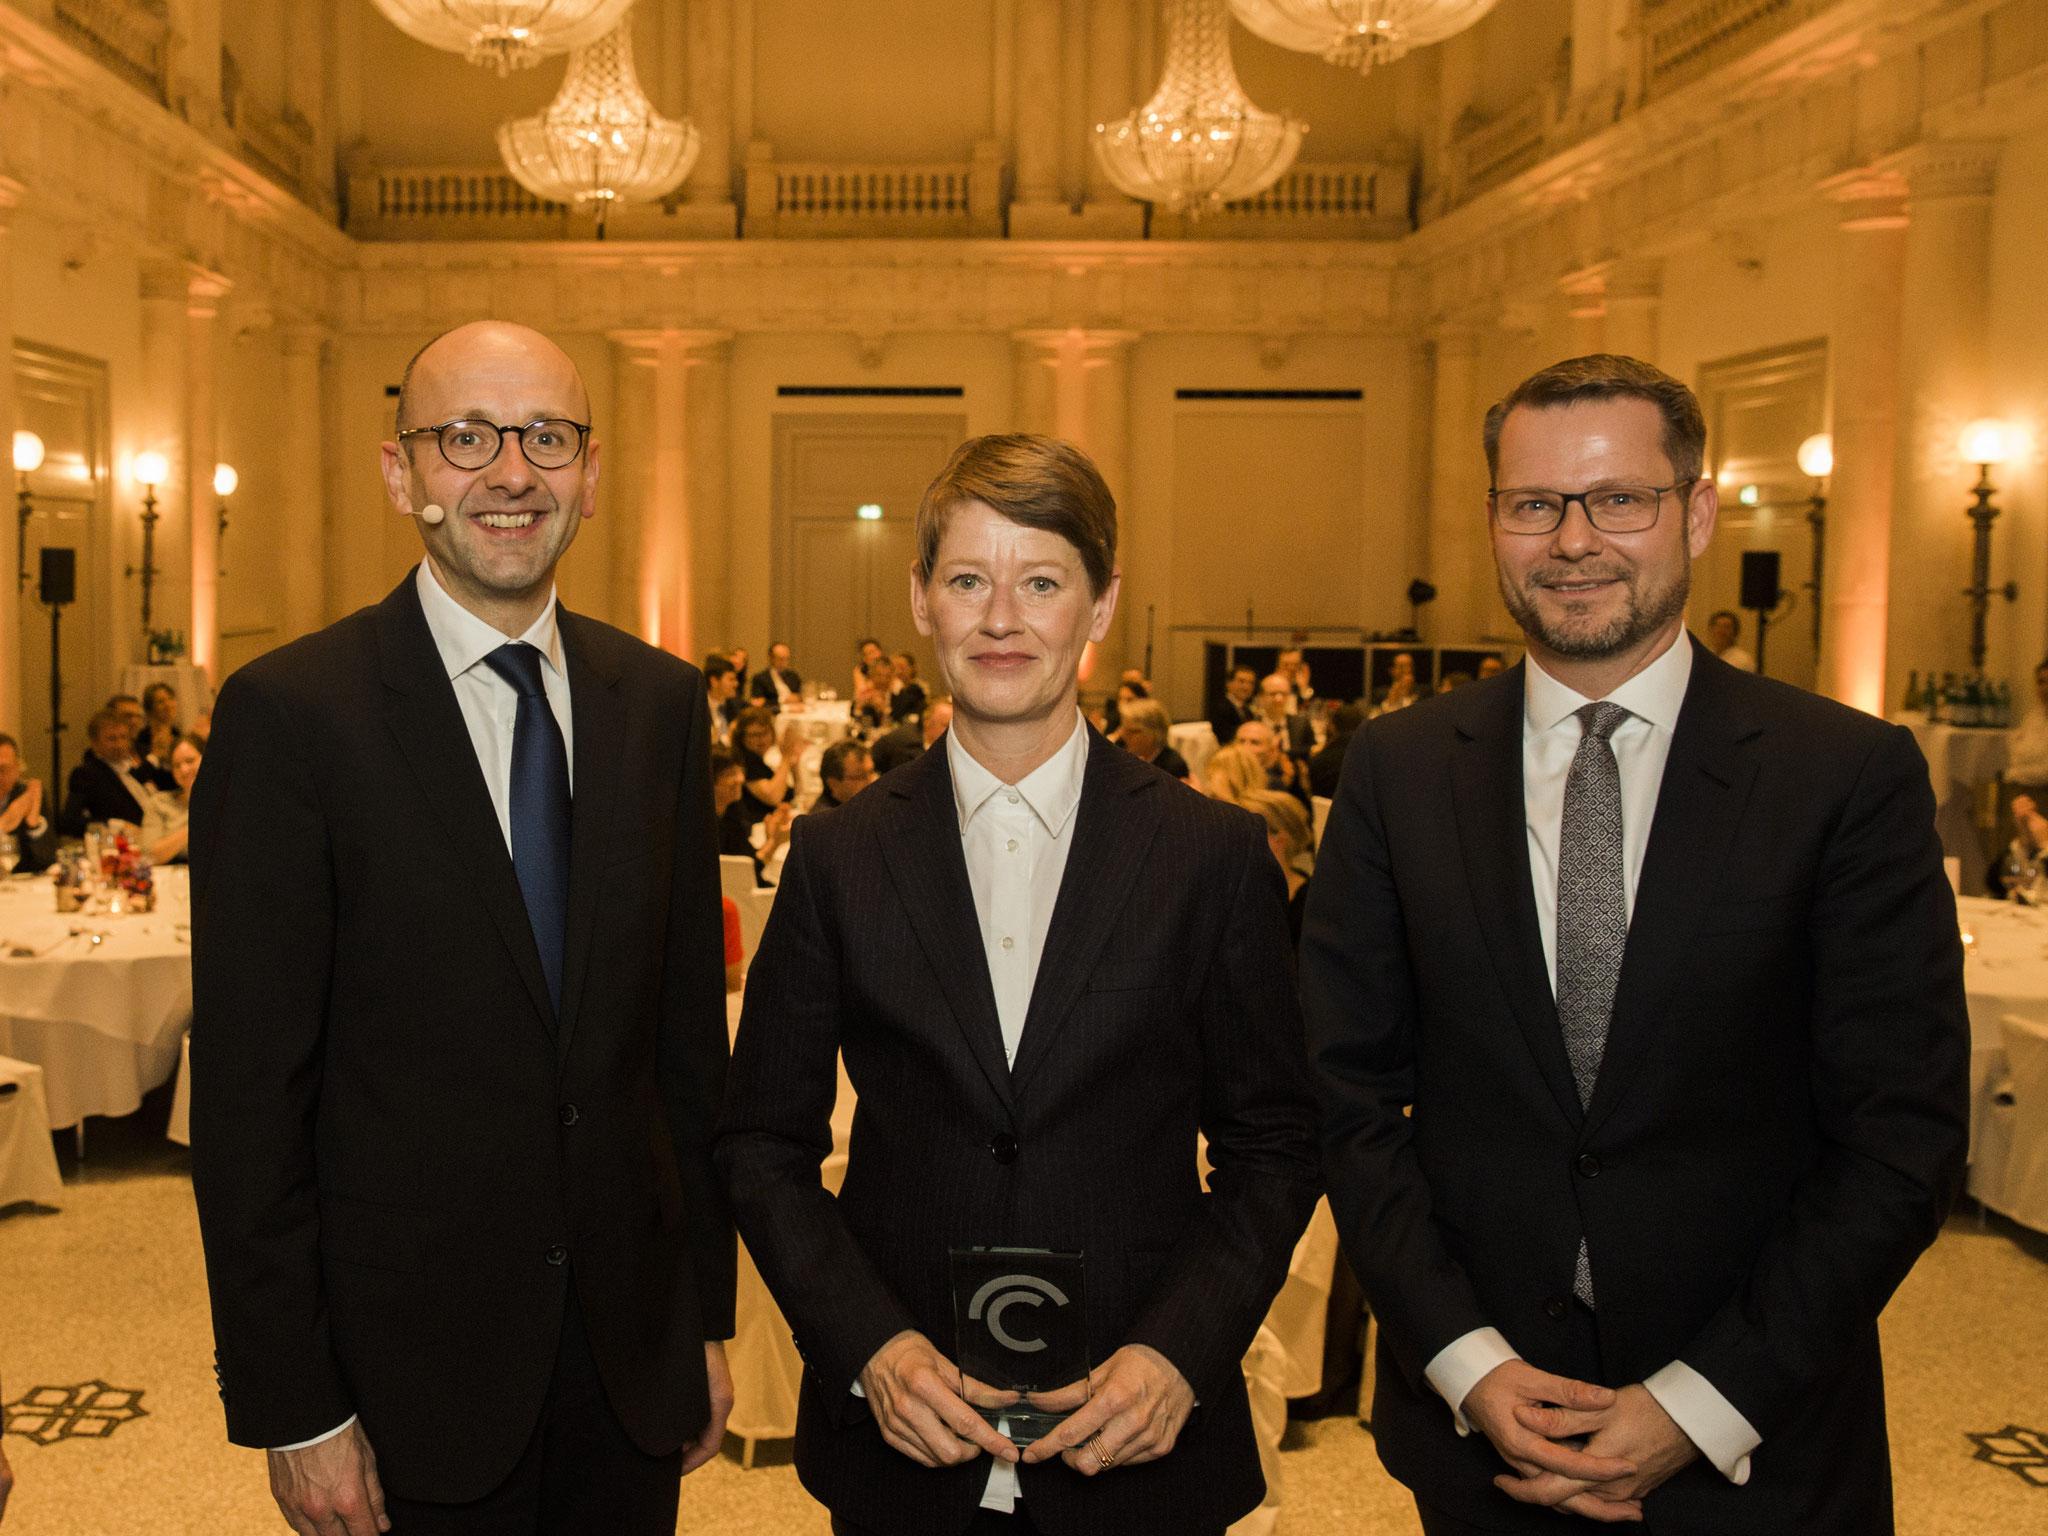 Von links: Lucas Flöther, Catherine Hoffmann, 3. Platz Journalismuspreis, Dirk Andres © 2018 Sven Döring